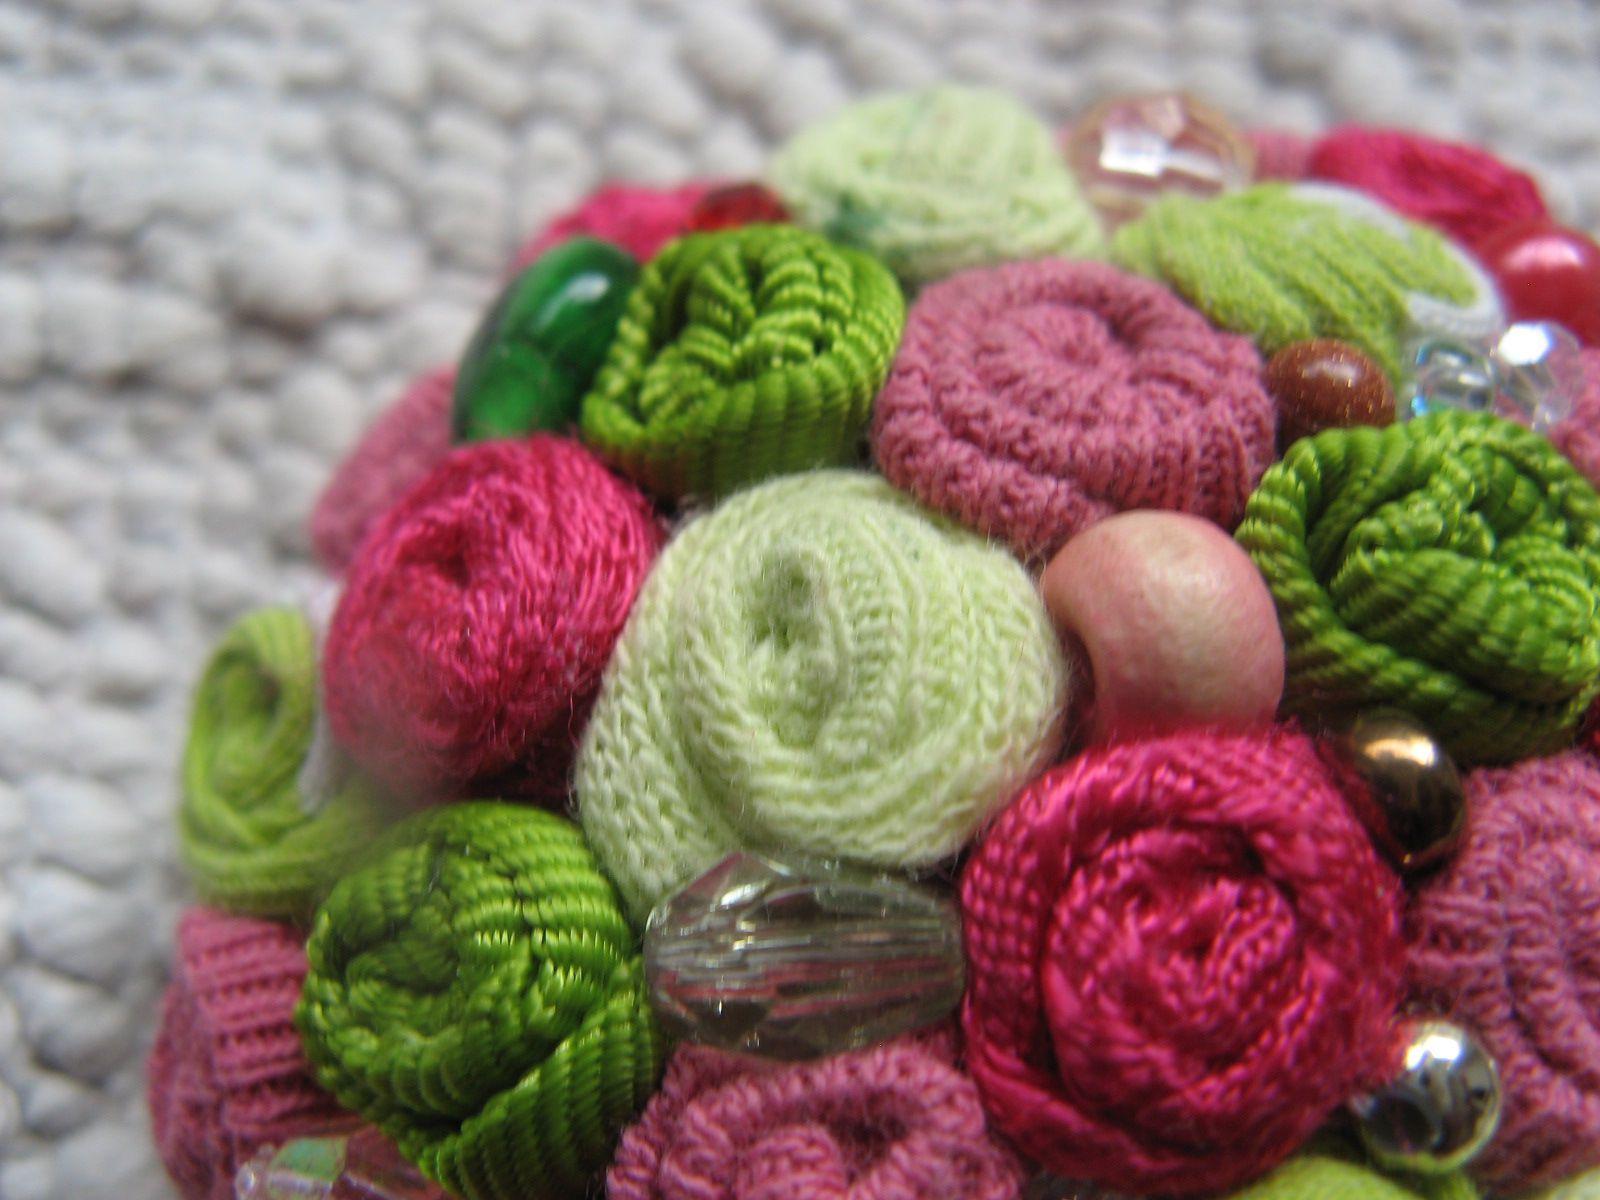 галка рассказова бохо украшение брошь текстиль стиль подарок винтаж